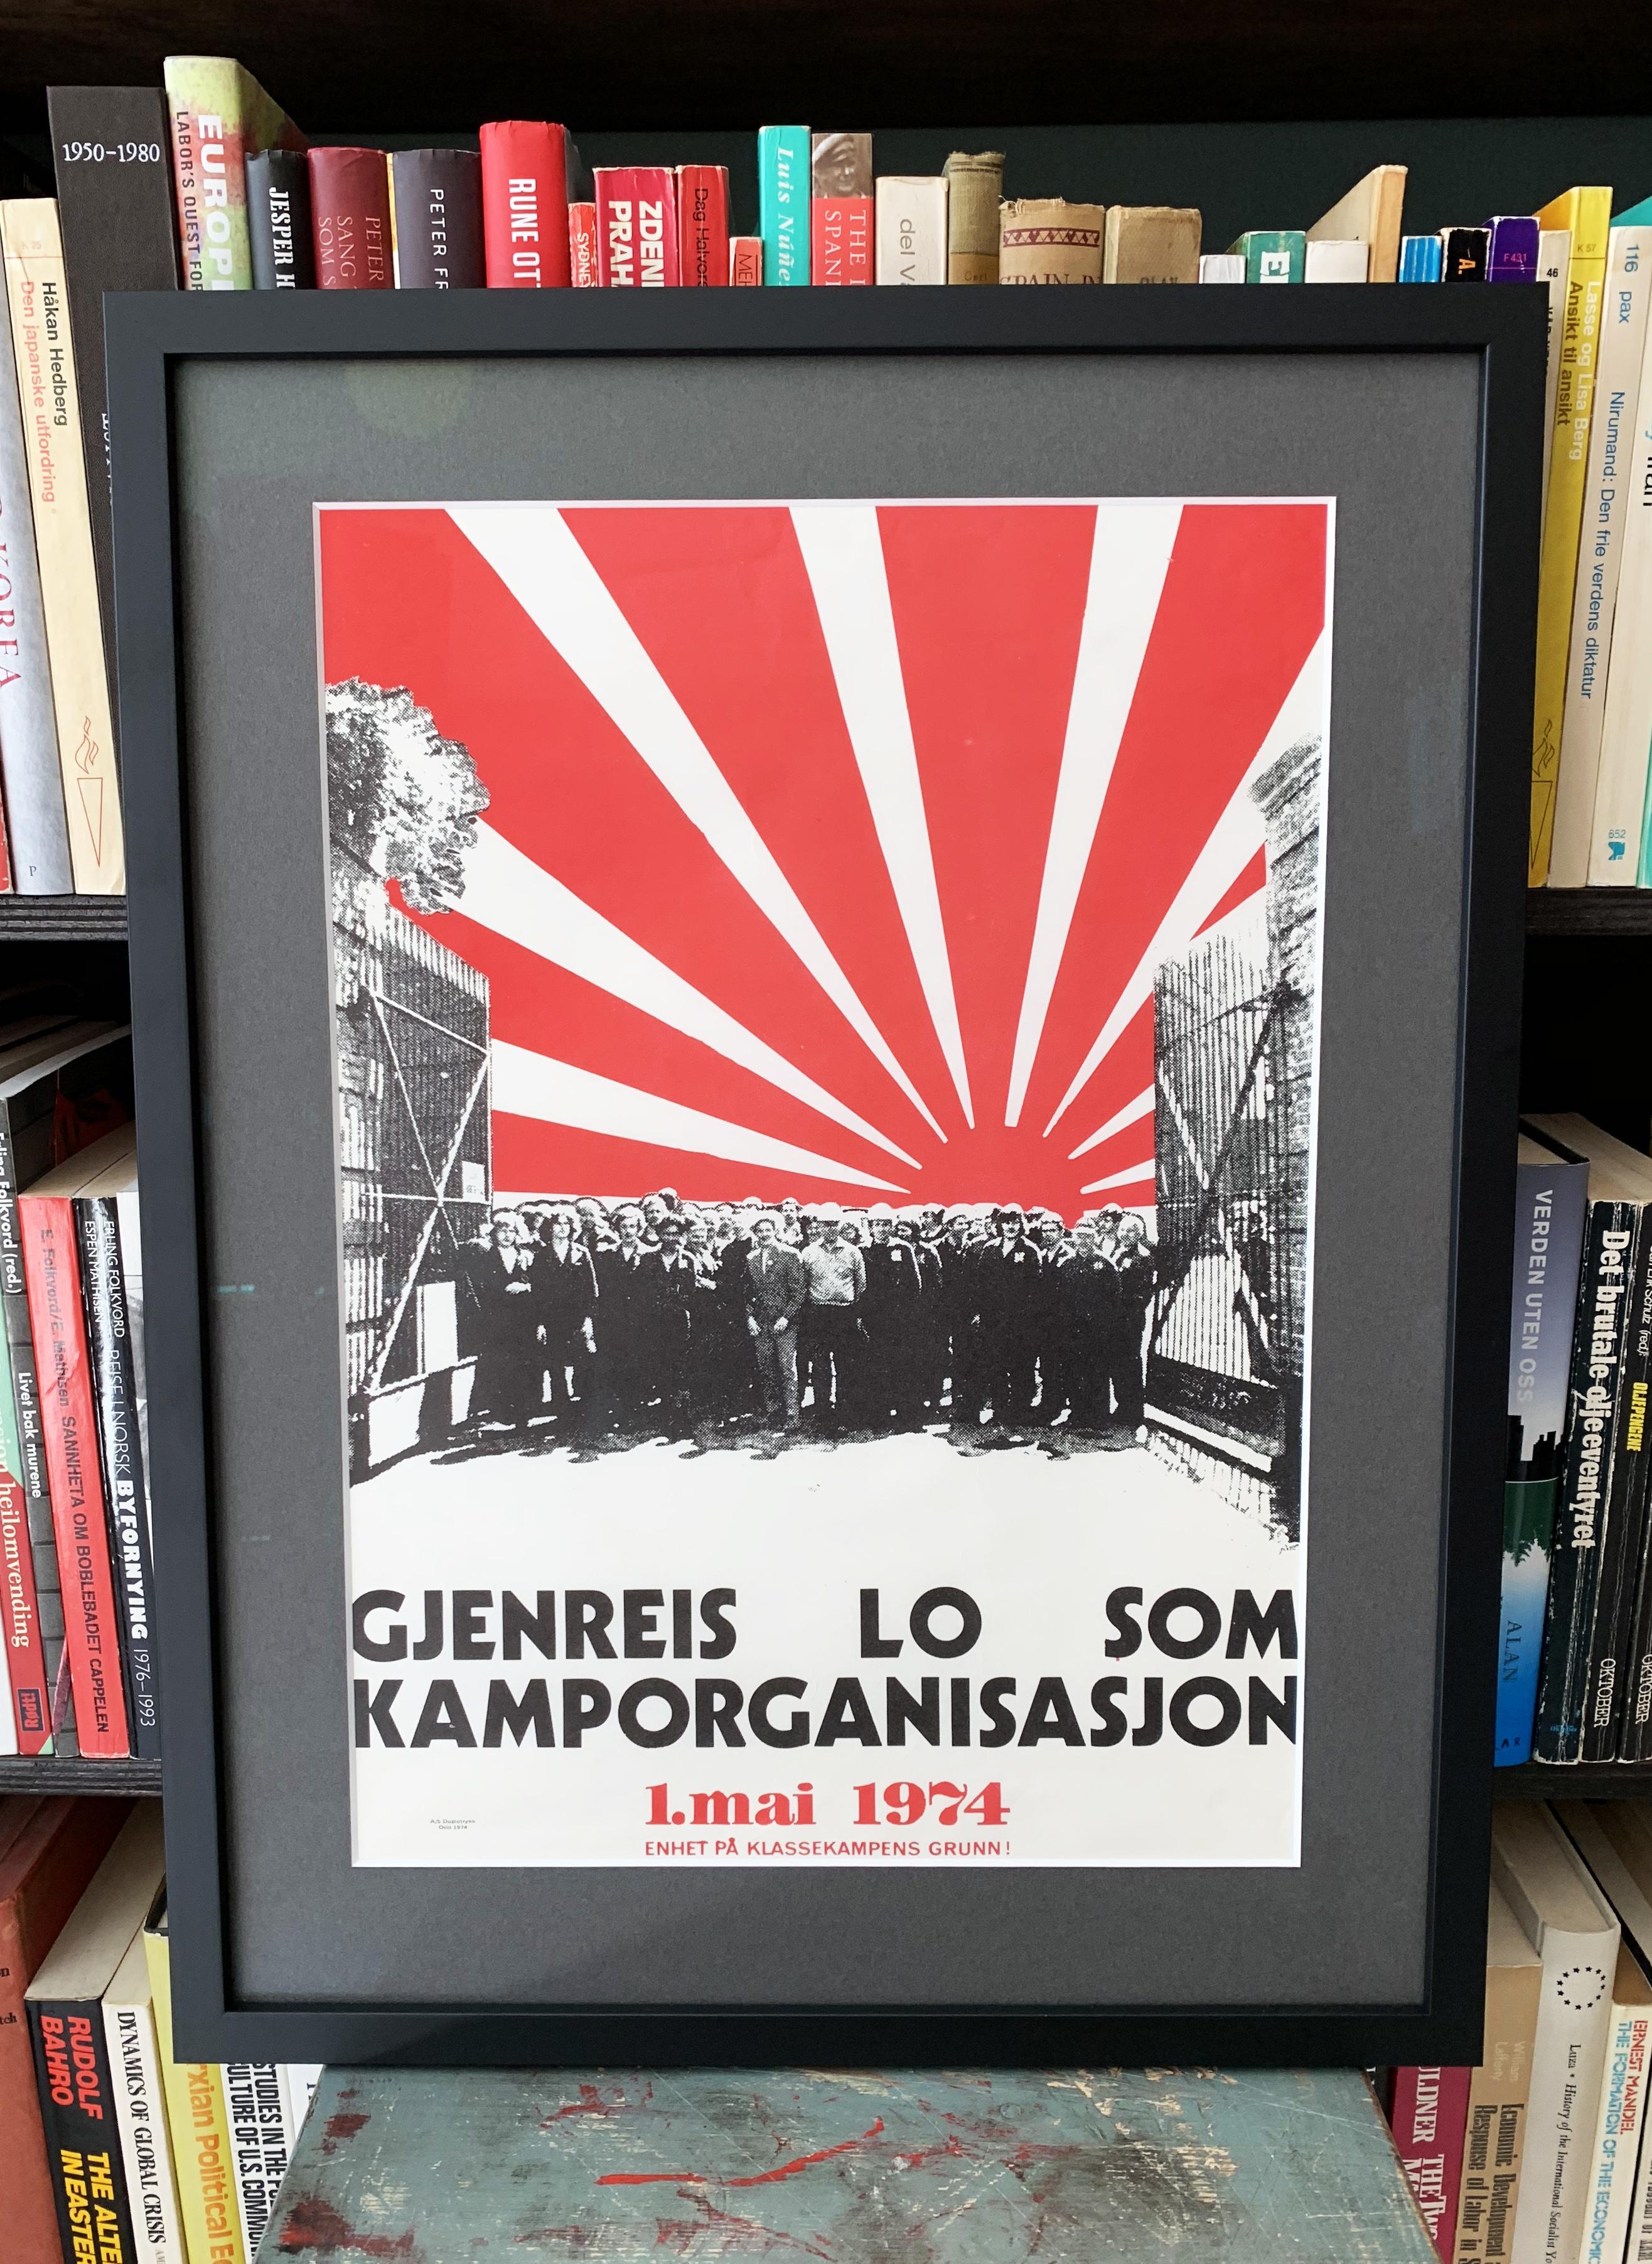 Gjenreis LO som kamporganisasjon (1974)